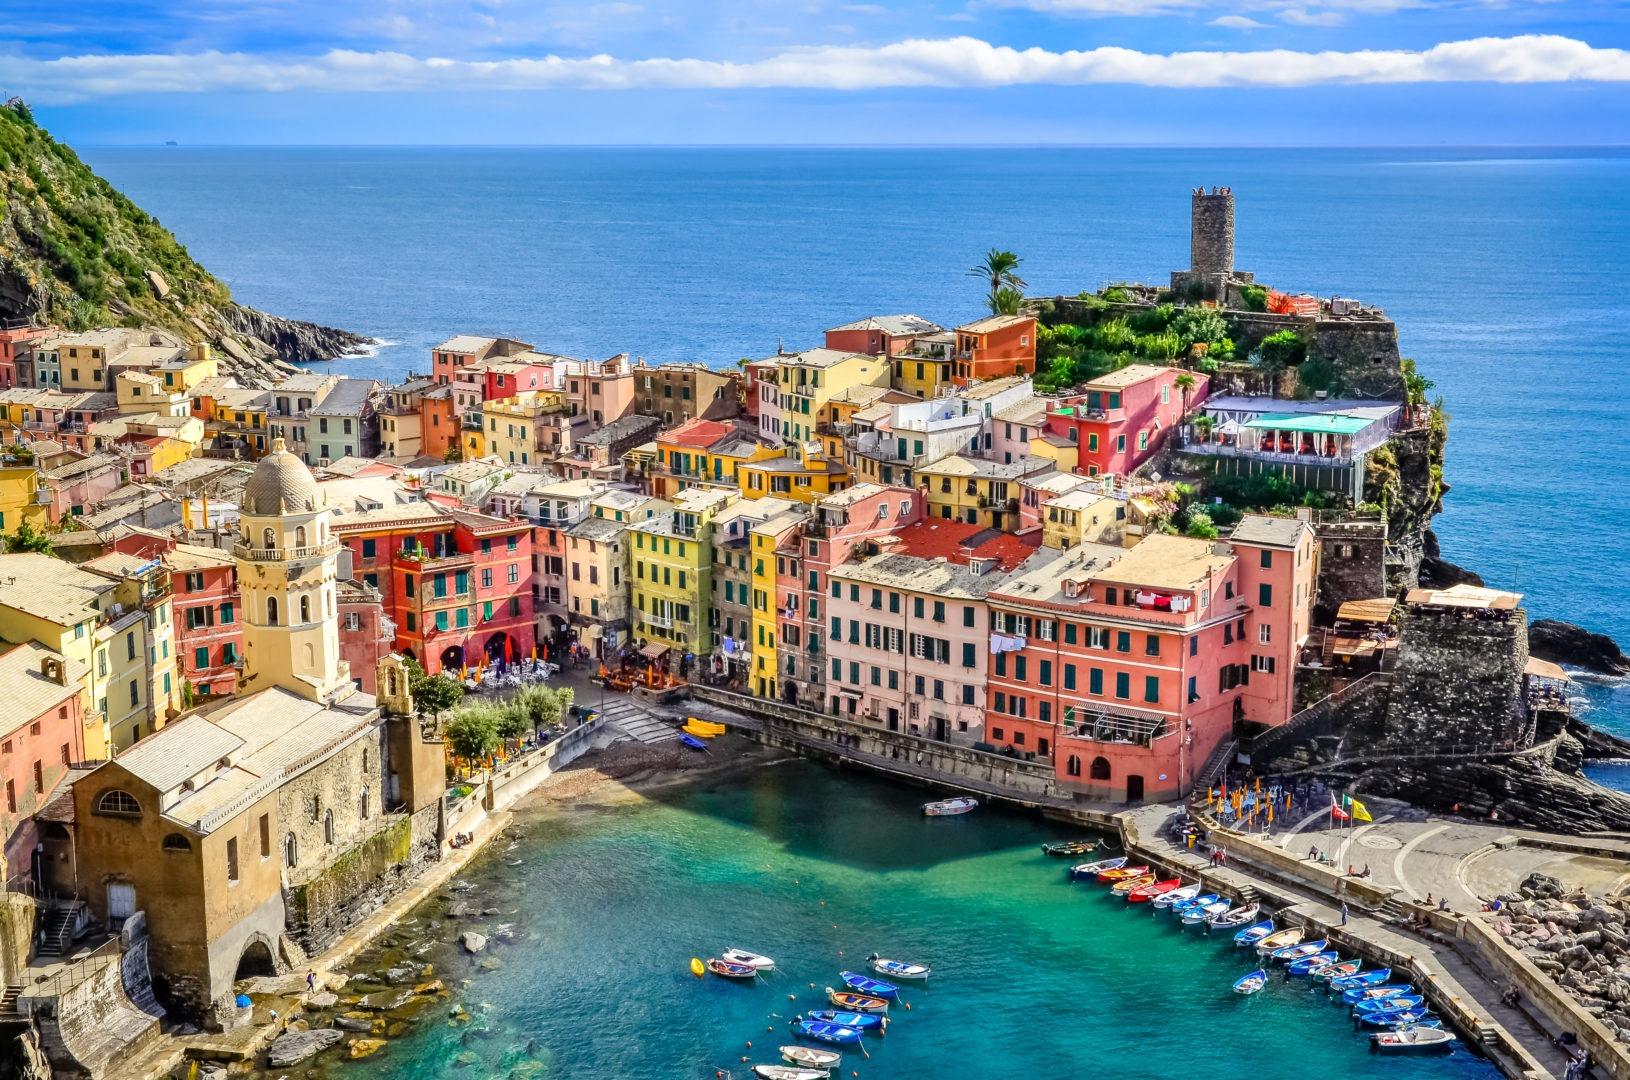 Voyage tout compris cinques terres italie